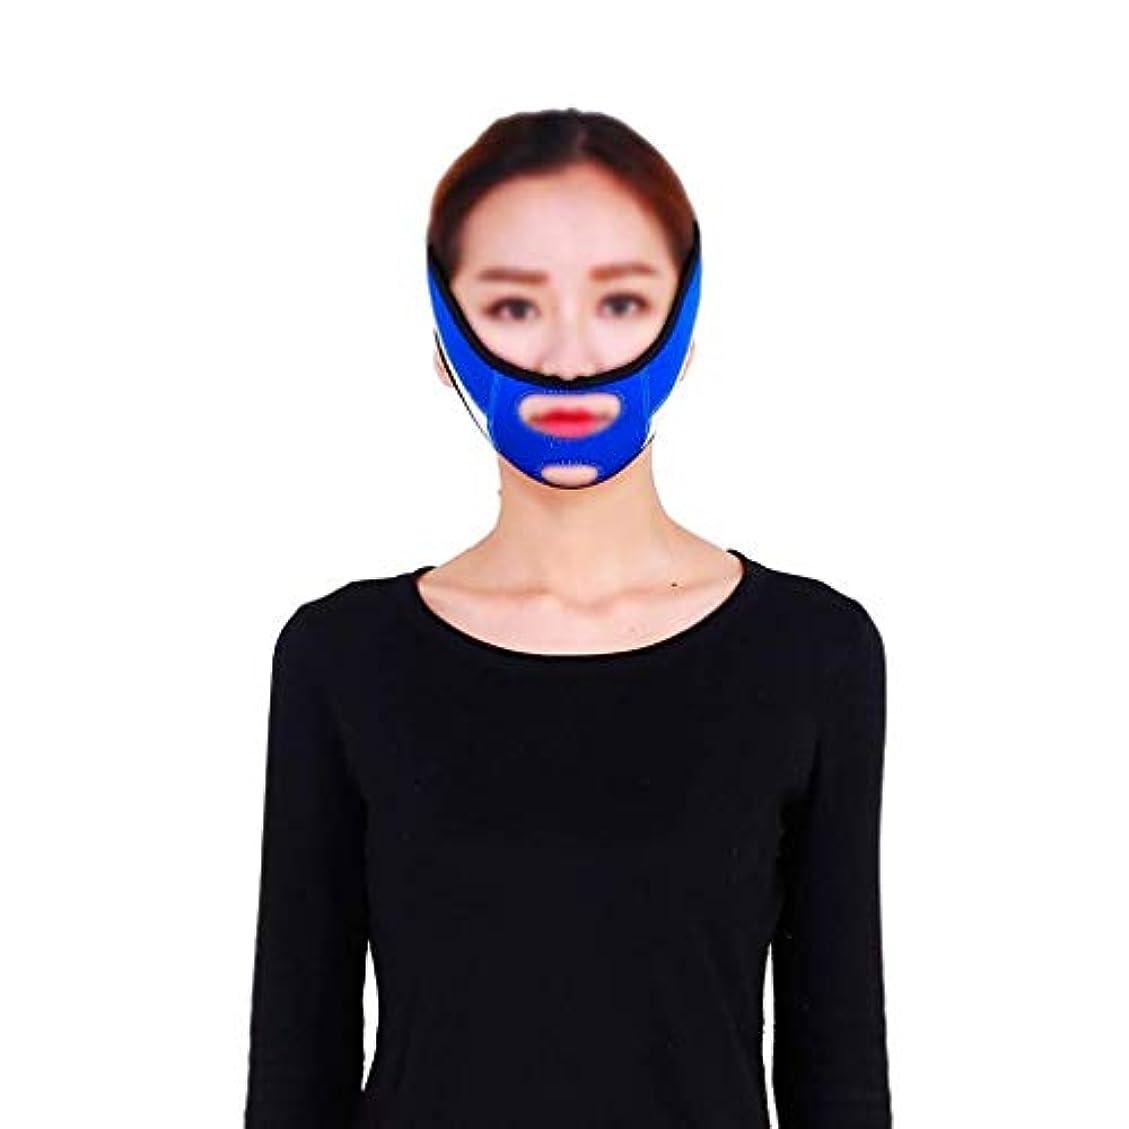 デコレーションクレデンシャル学習ファーミングフェイスマスク、スモールVフェイスアーティファクトリフティングマスク、口を調整して垂れ下がった肌を縮小滑り止め弾性ストレッチ包帯